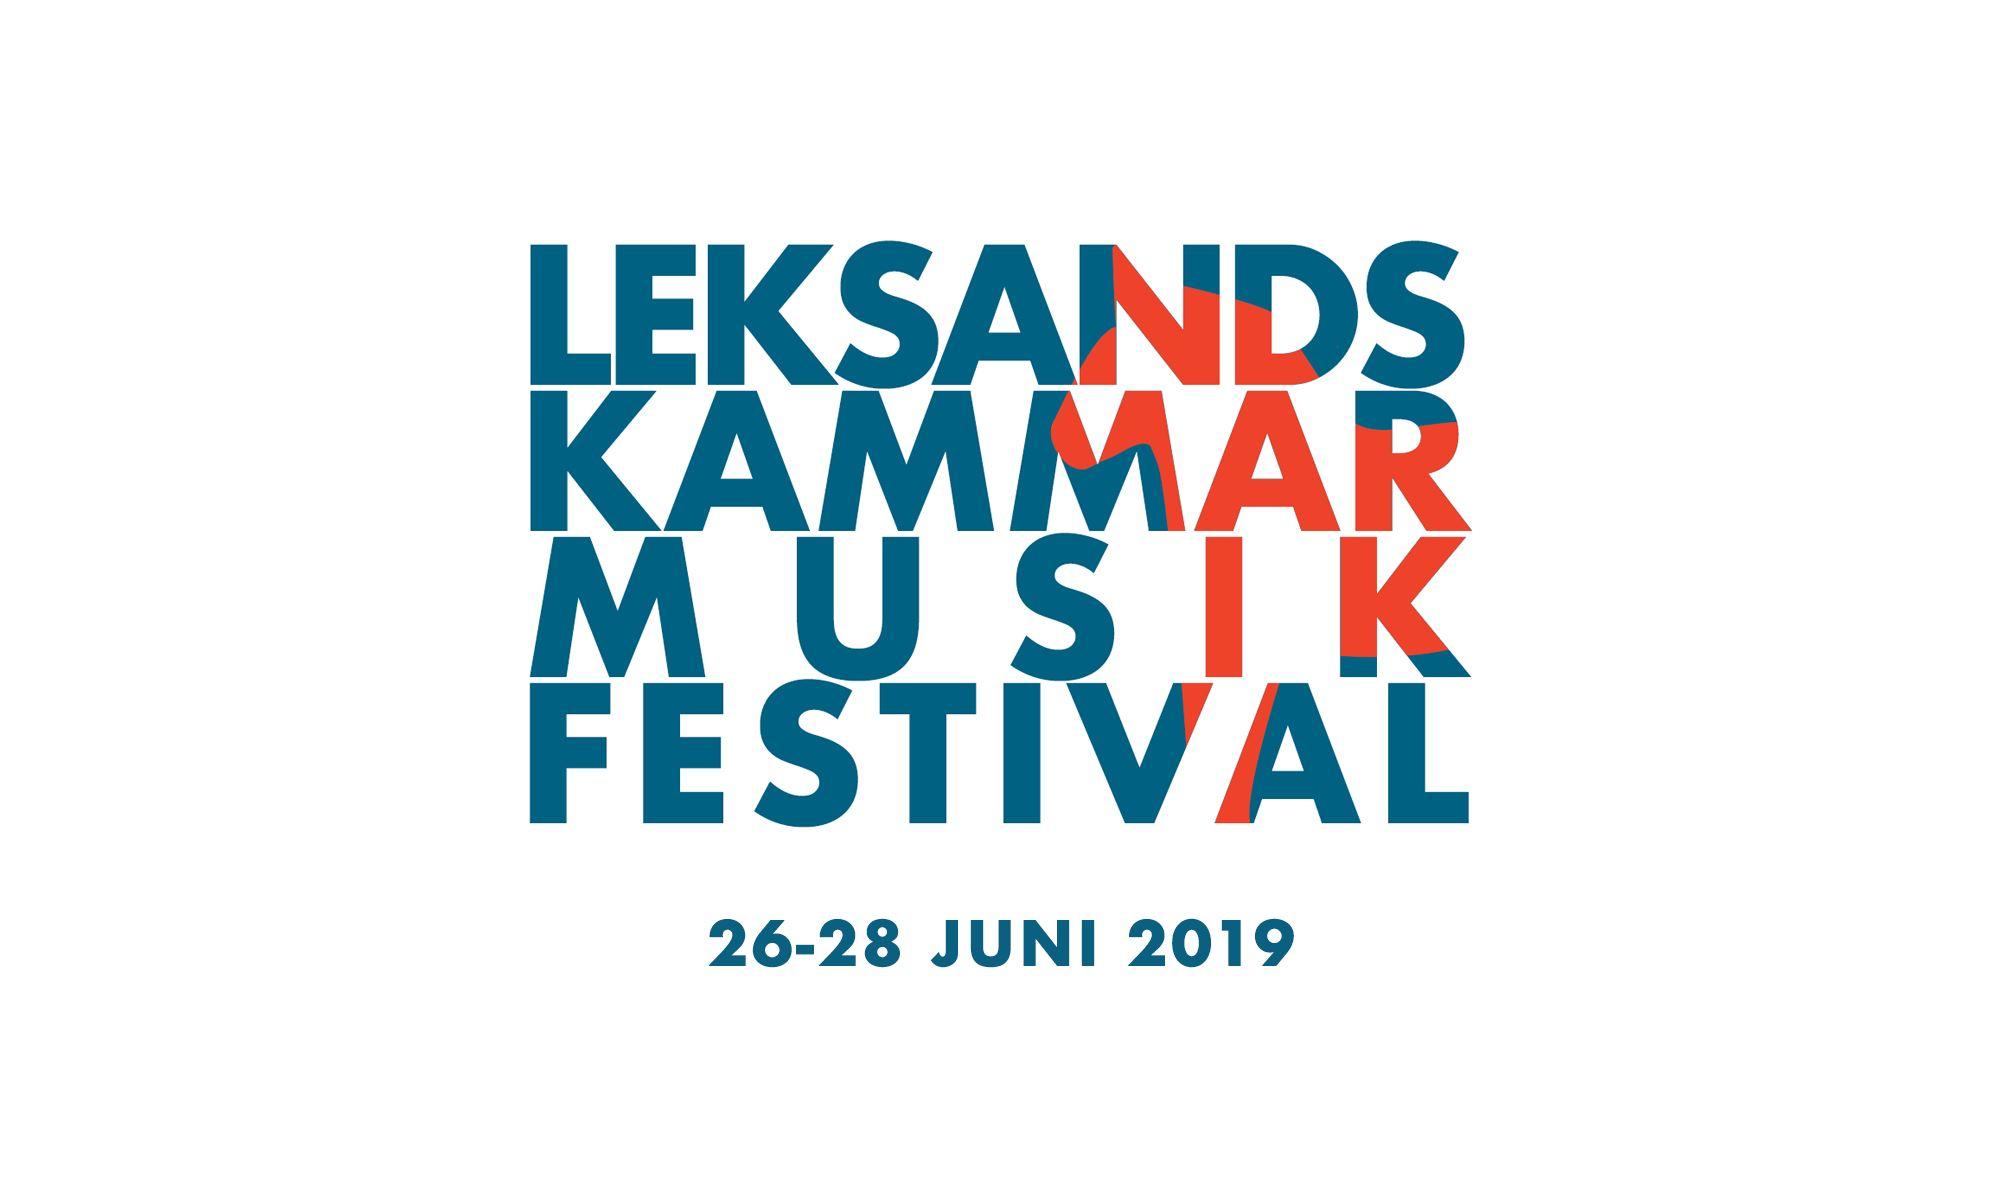 Leksands kammarmusikfestival - Strauss, Bridge, Saariaho & Brahms